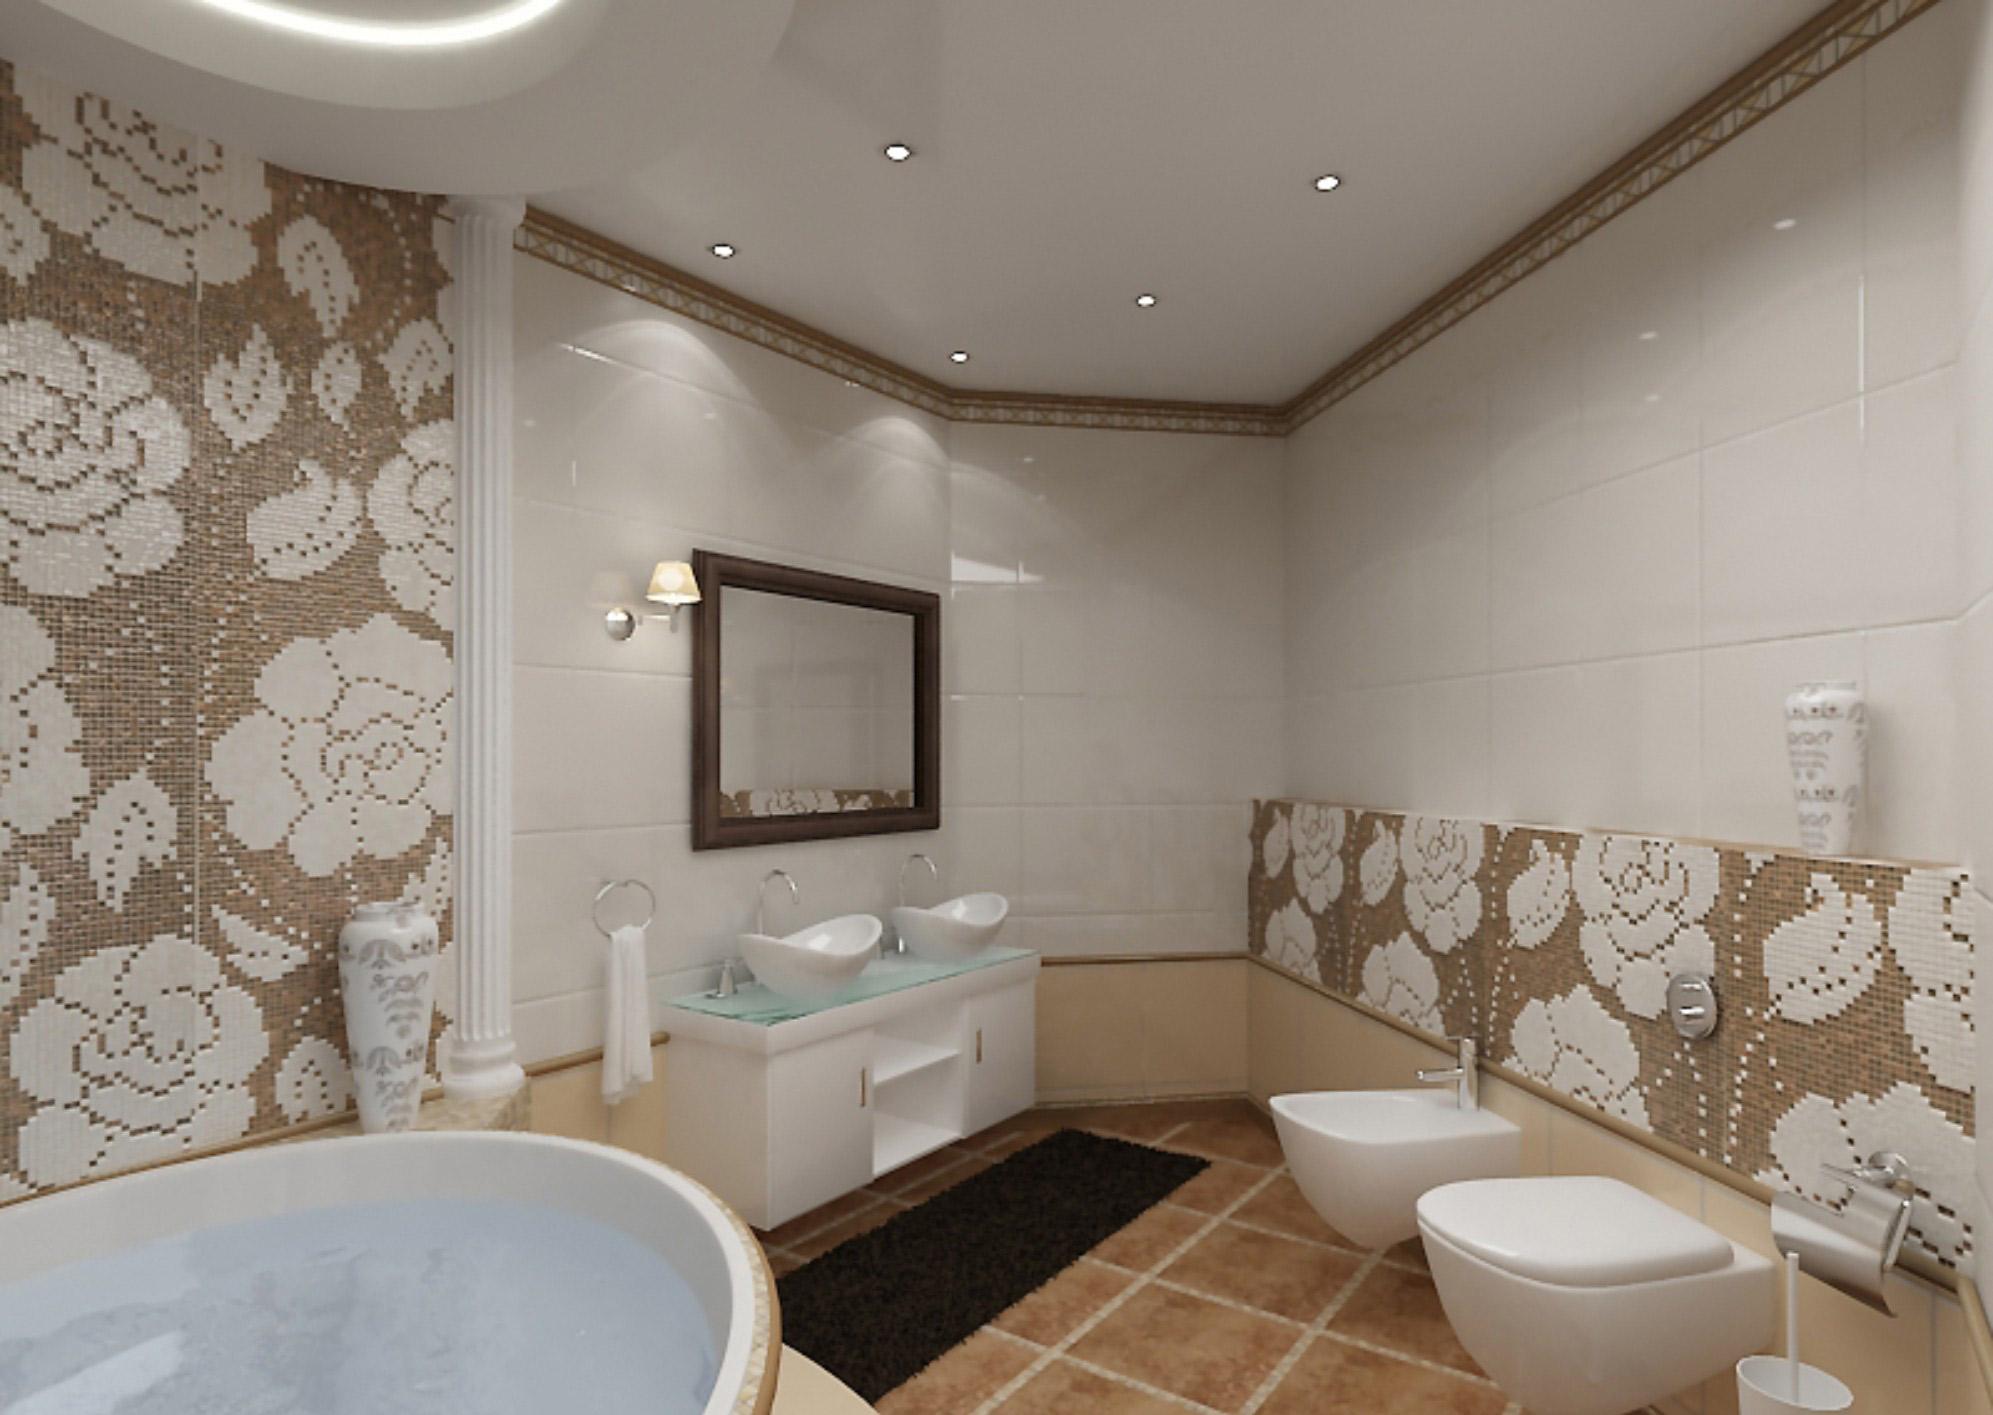 Как правильно выбрать светлый потолок с встроенными светильниками для ванной комнаты